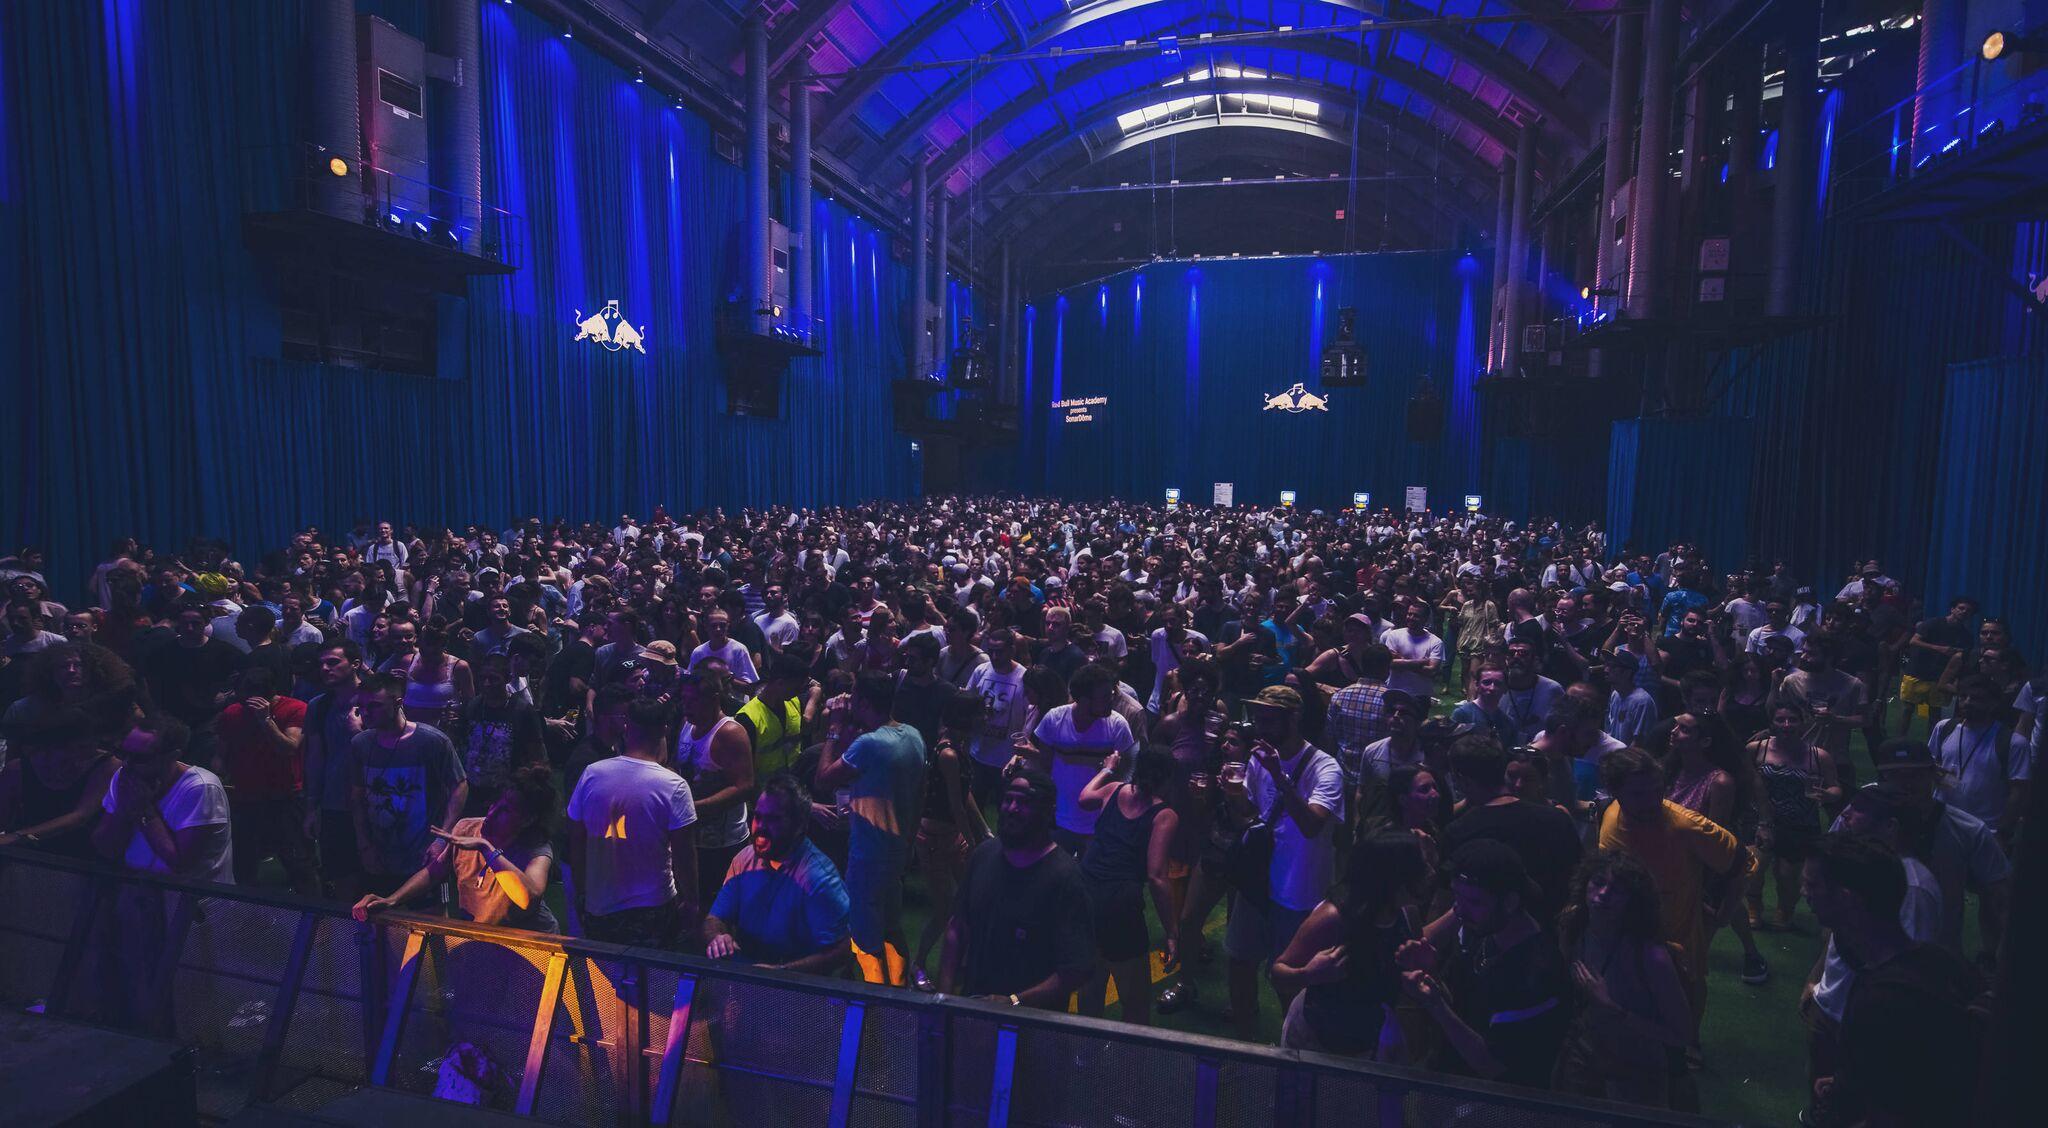 Red Bull Music Academy cumple 20 años en el Sónar